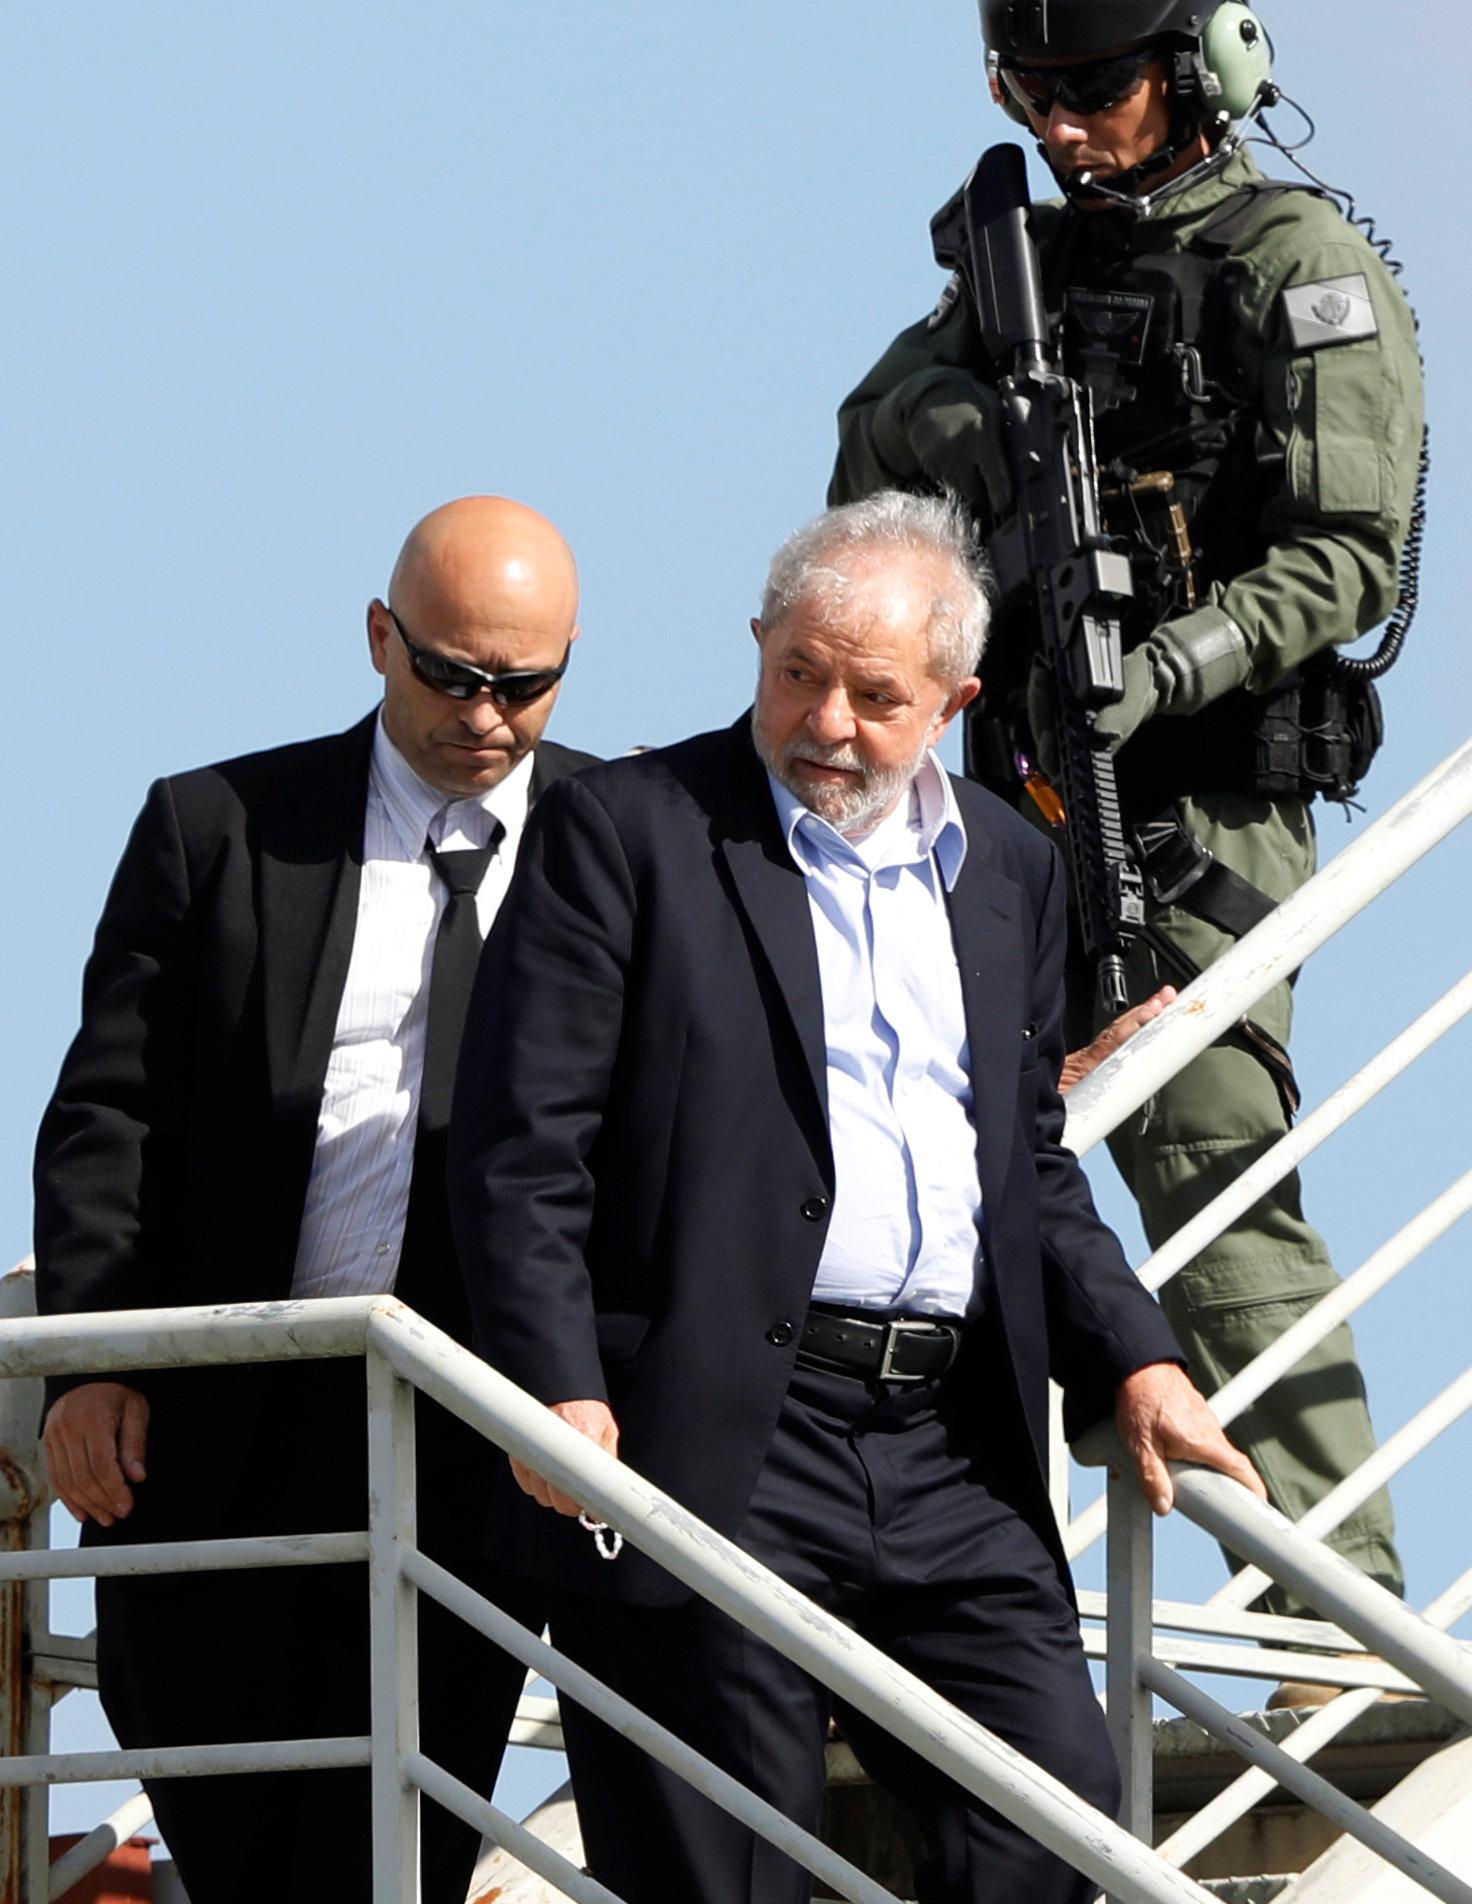 لولا دا سيلفا يغادر السجن لحضور جنازة حفيده (2)